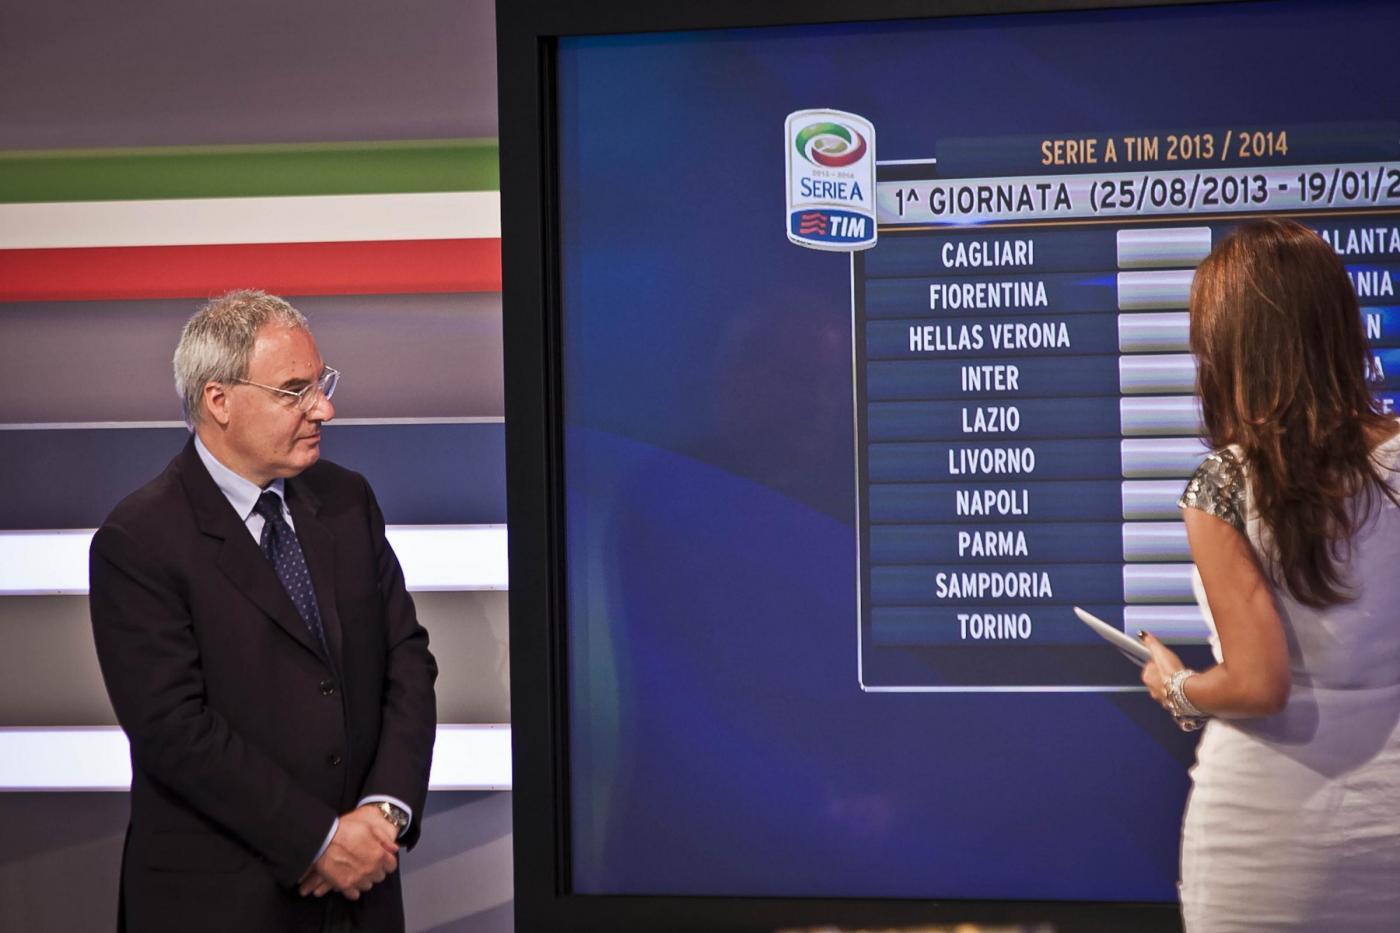 il presidente della Lega di Serie A Maurizio Beretta in occasione dell'estrazione del campionato 2013/2014 (Stefano De Grandis/Lapresse)